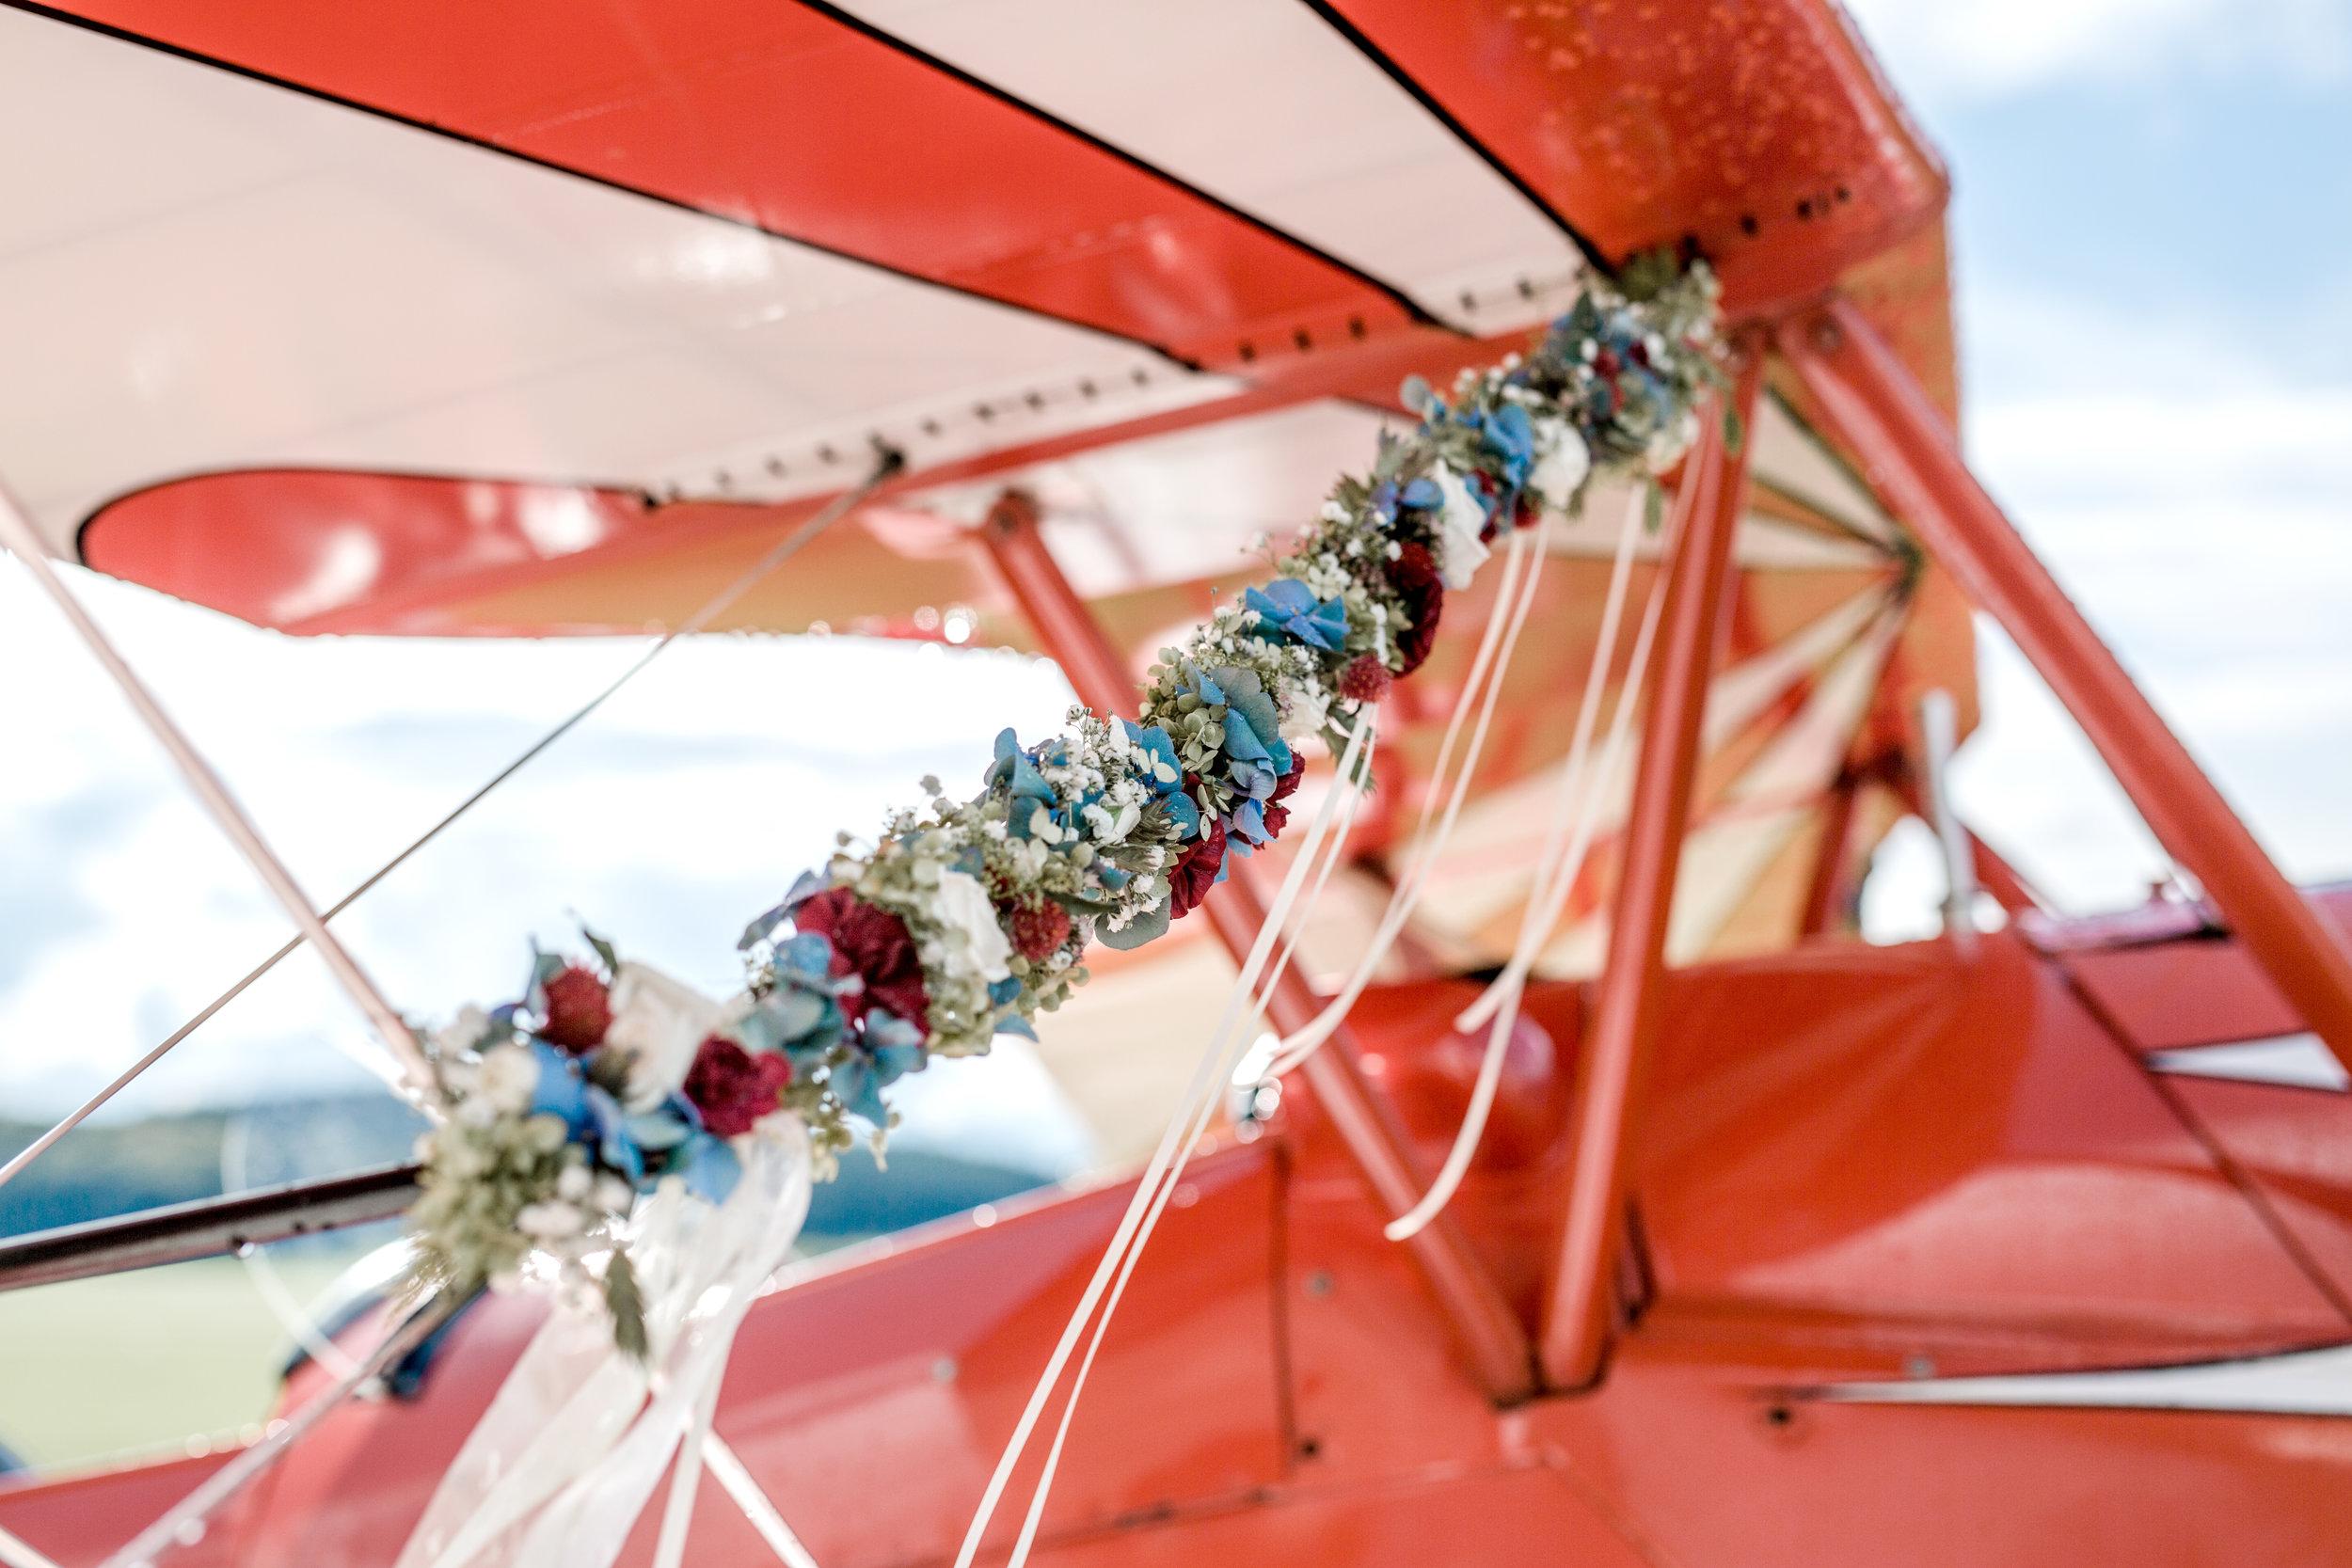 Flugplatz_Hochzeit-35.JPG